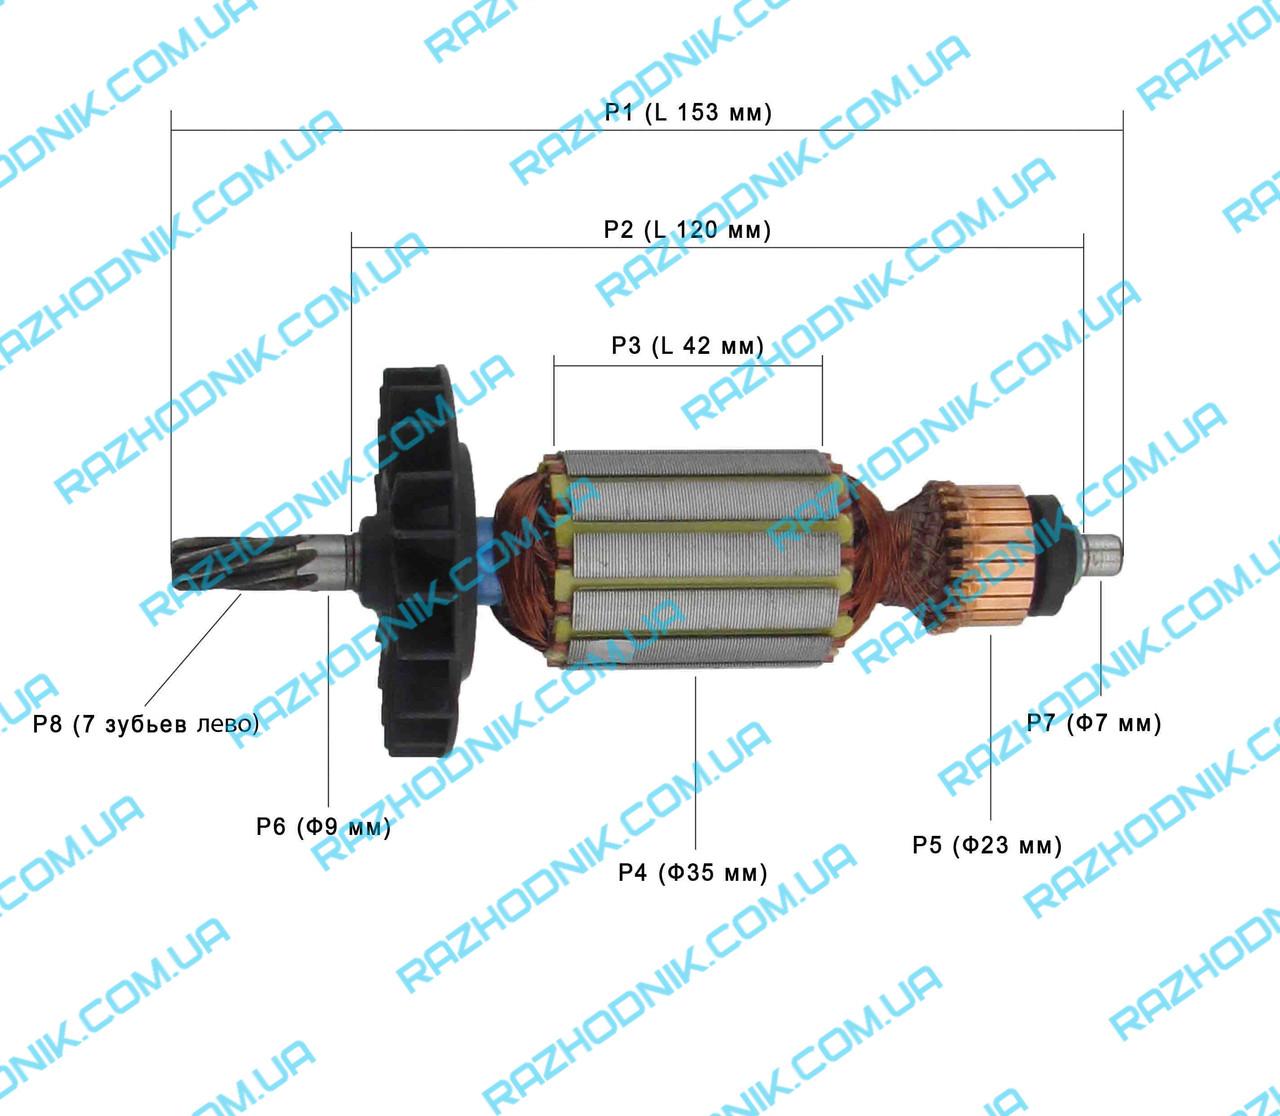 Якорь на перфоатор Югра ЭП-1200,Sturm RH2592Р